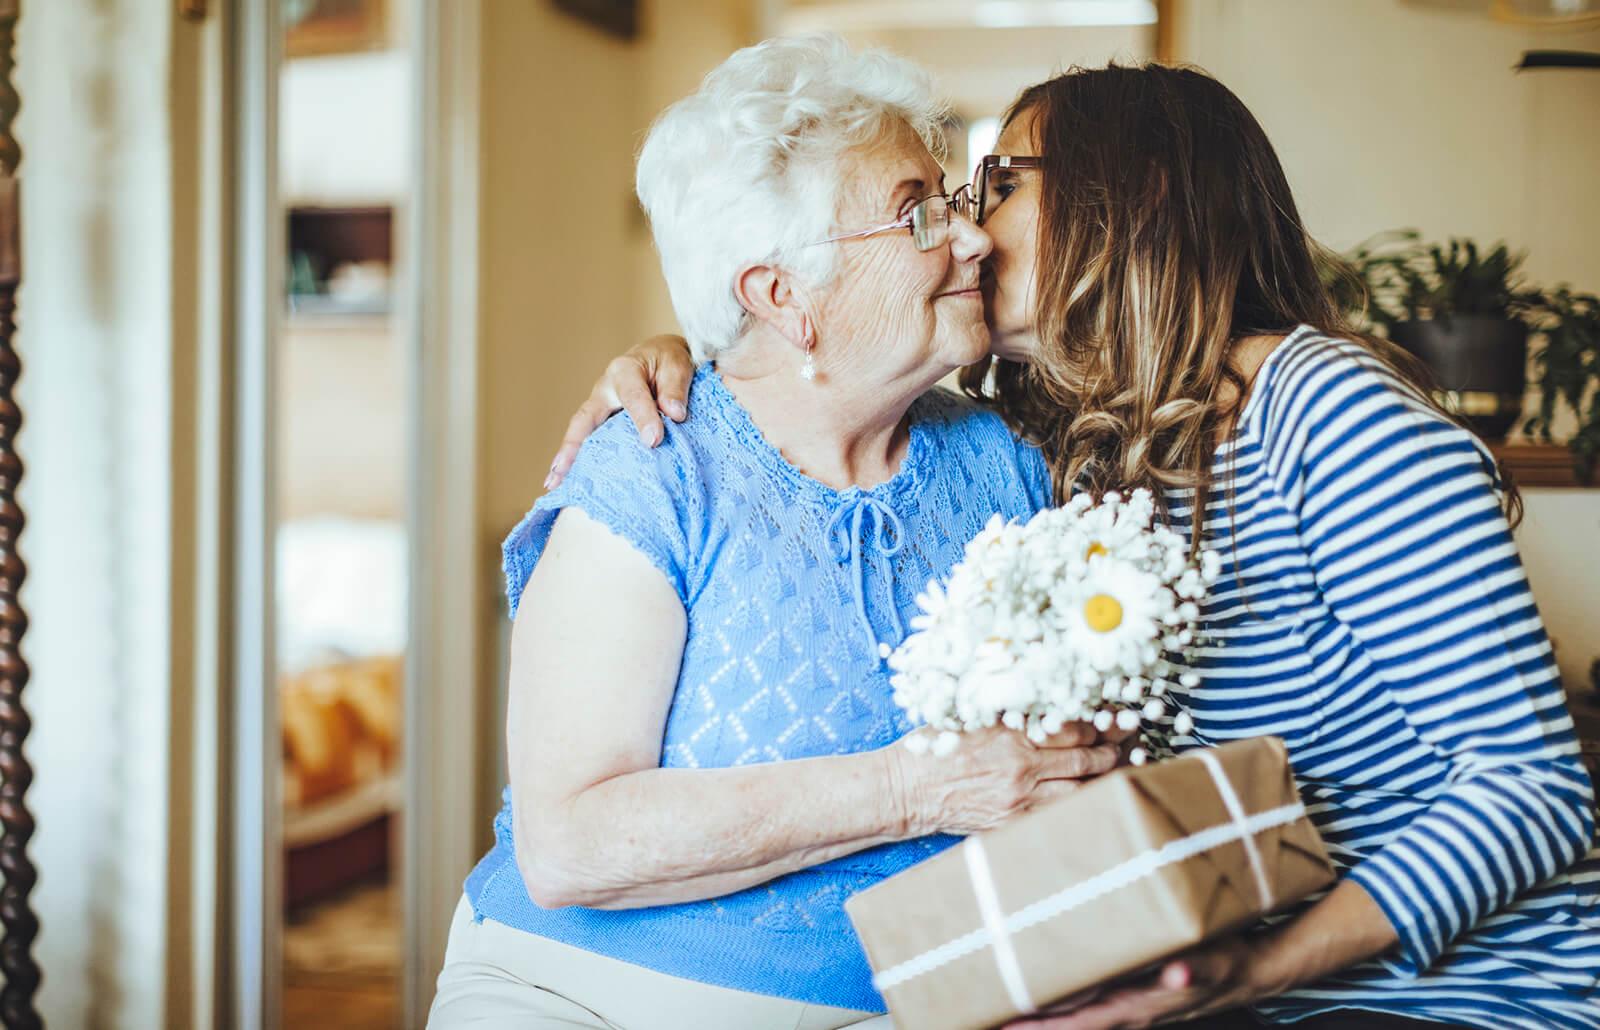 regalos-apropiados-residentes-residencias-adultos-mayores.jpg